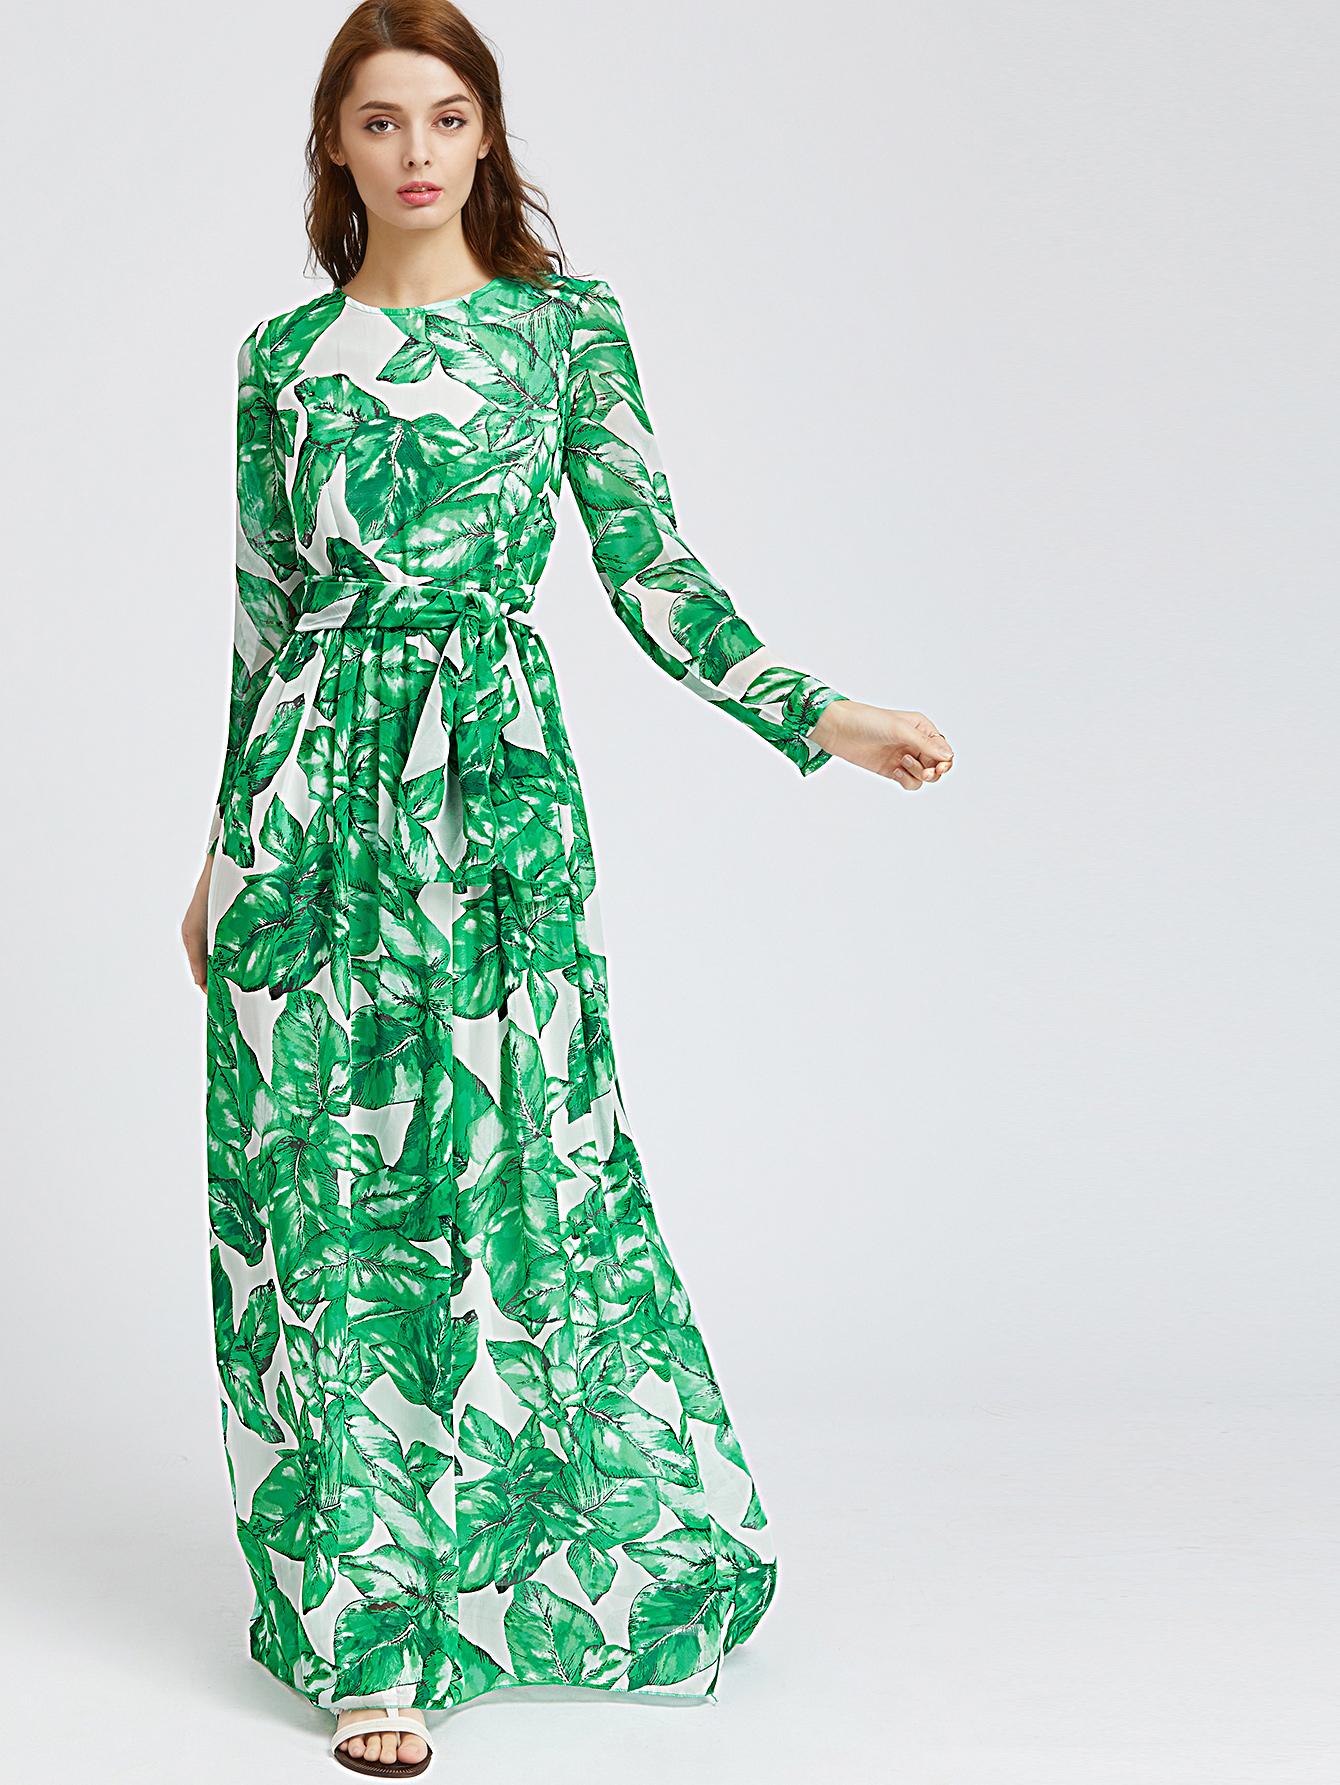 Maxi dresses for women over 40 - All women dresses